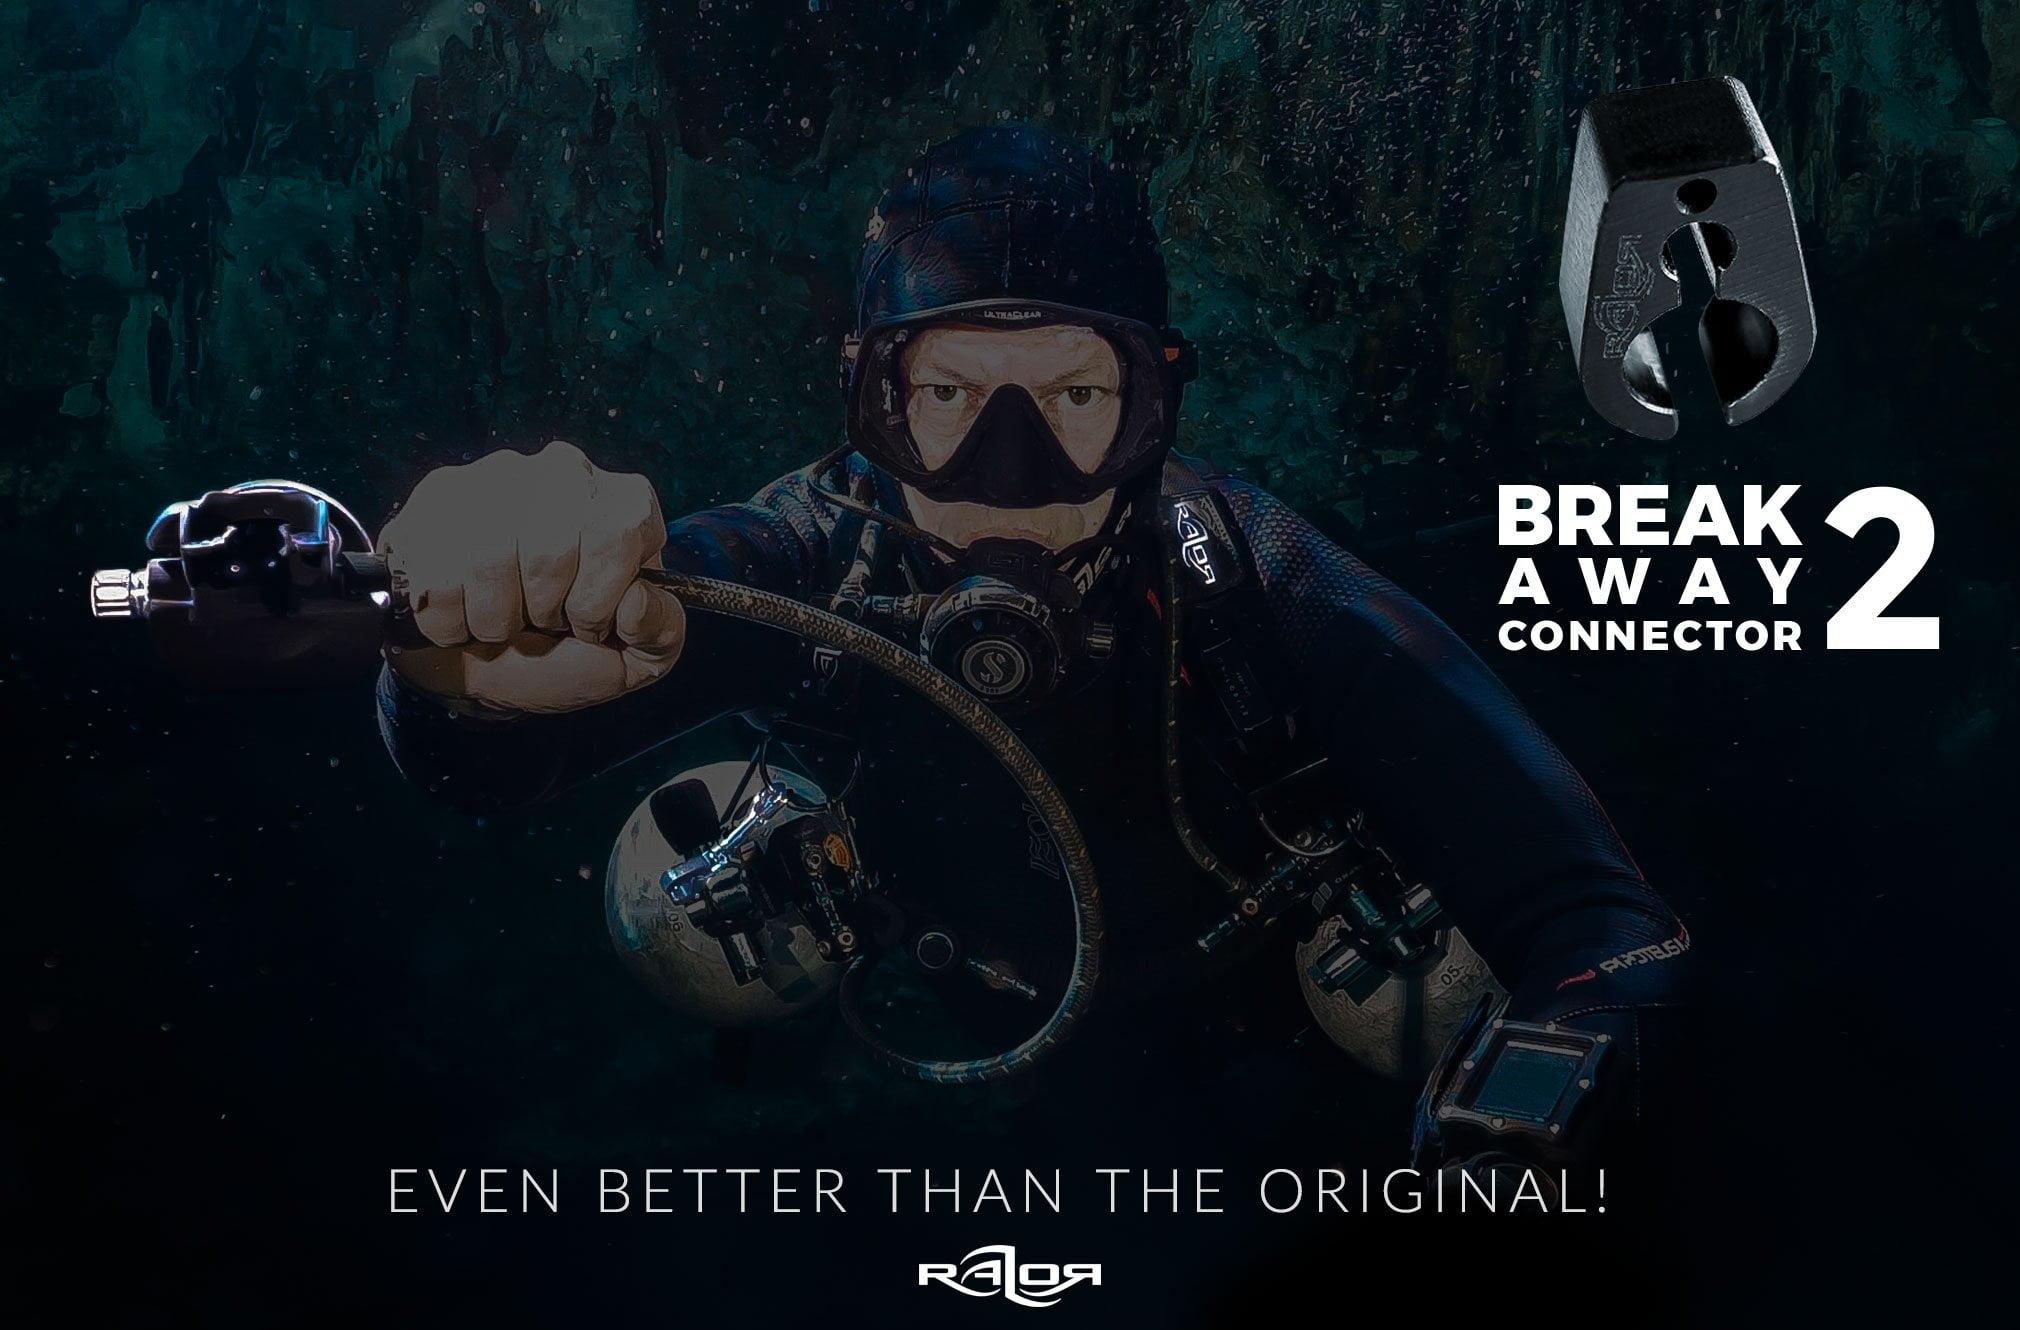 Razor Break Away Connector